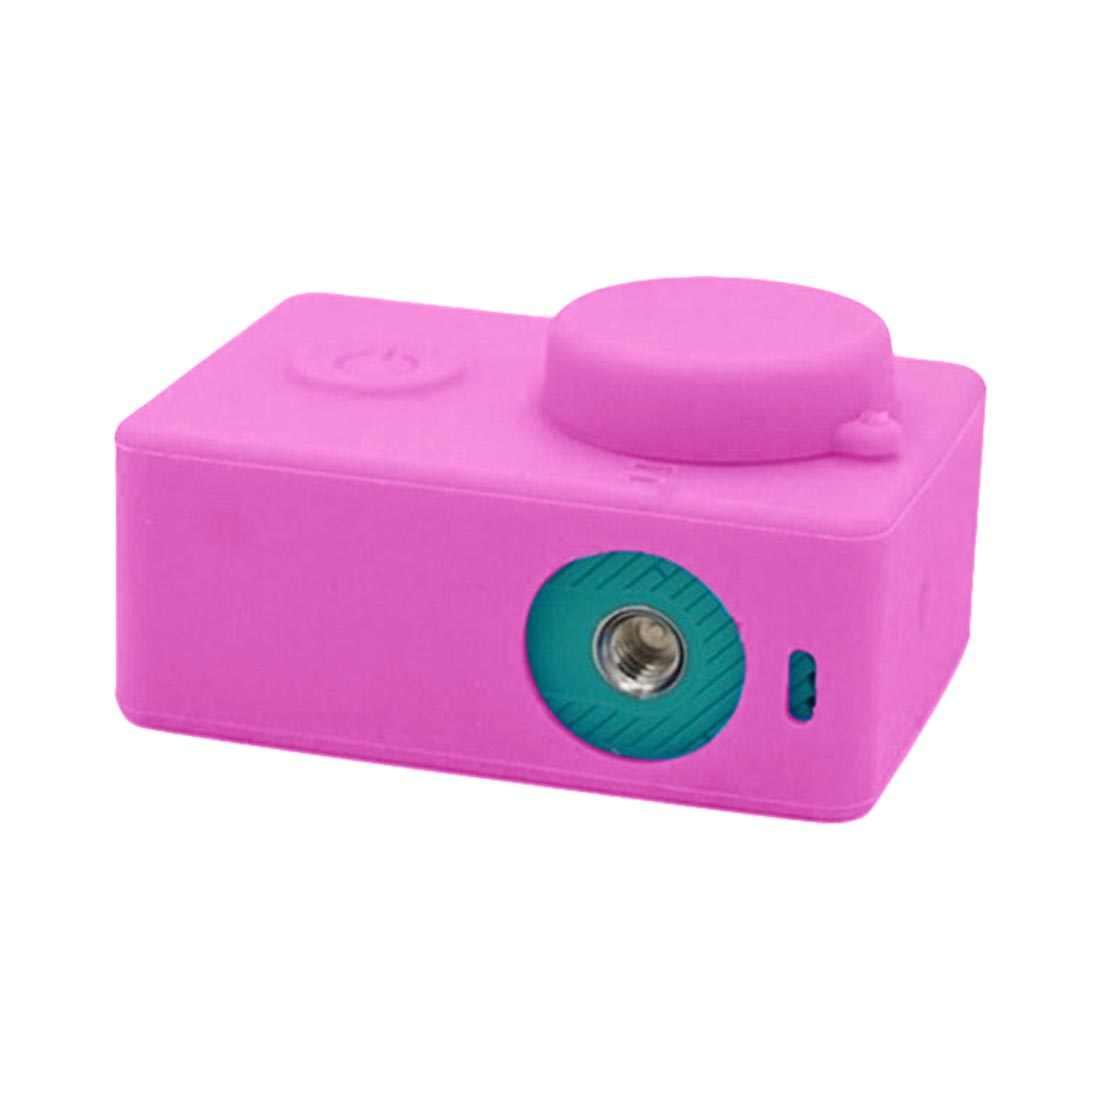 Gosear Silicone Bảo Vệ Tấm Bảo Vệ Ốp Lưng Vỏ Da Nắp Đậy Ống Kính Cho Yi 4 K XiaoYi 2 II Nồi Cơm Điện Từ 4 K camera Hành Động Phụ Kiện